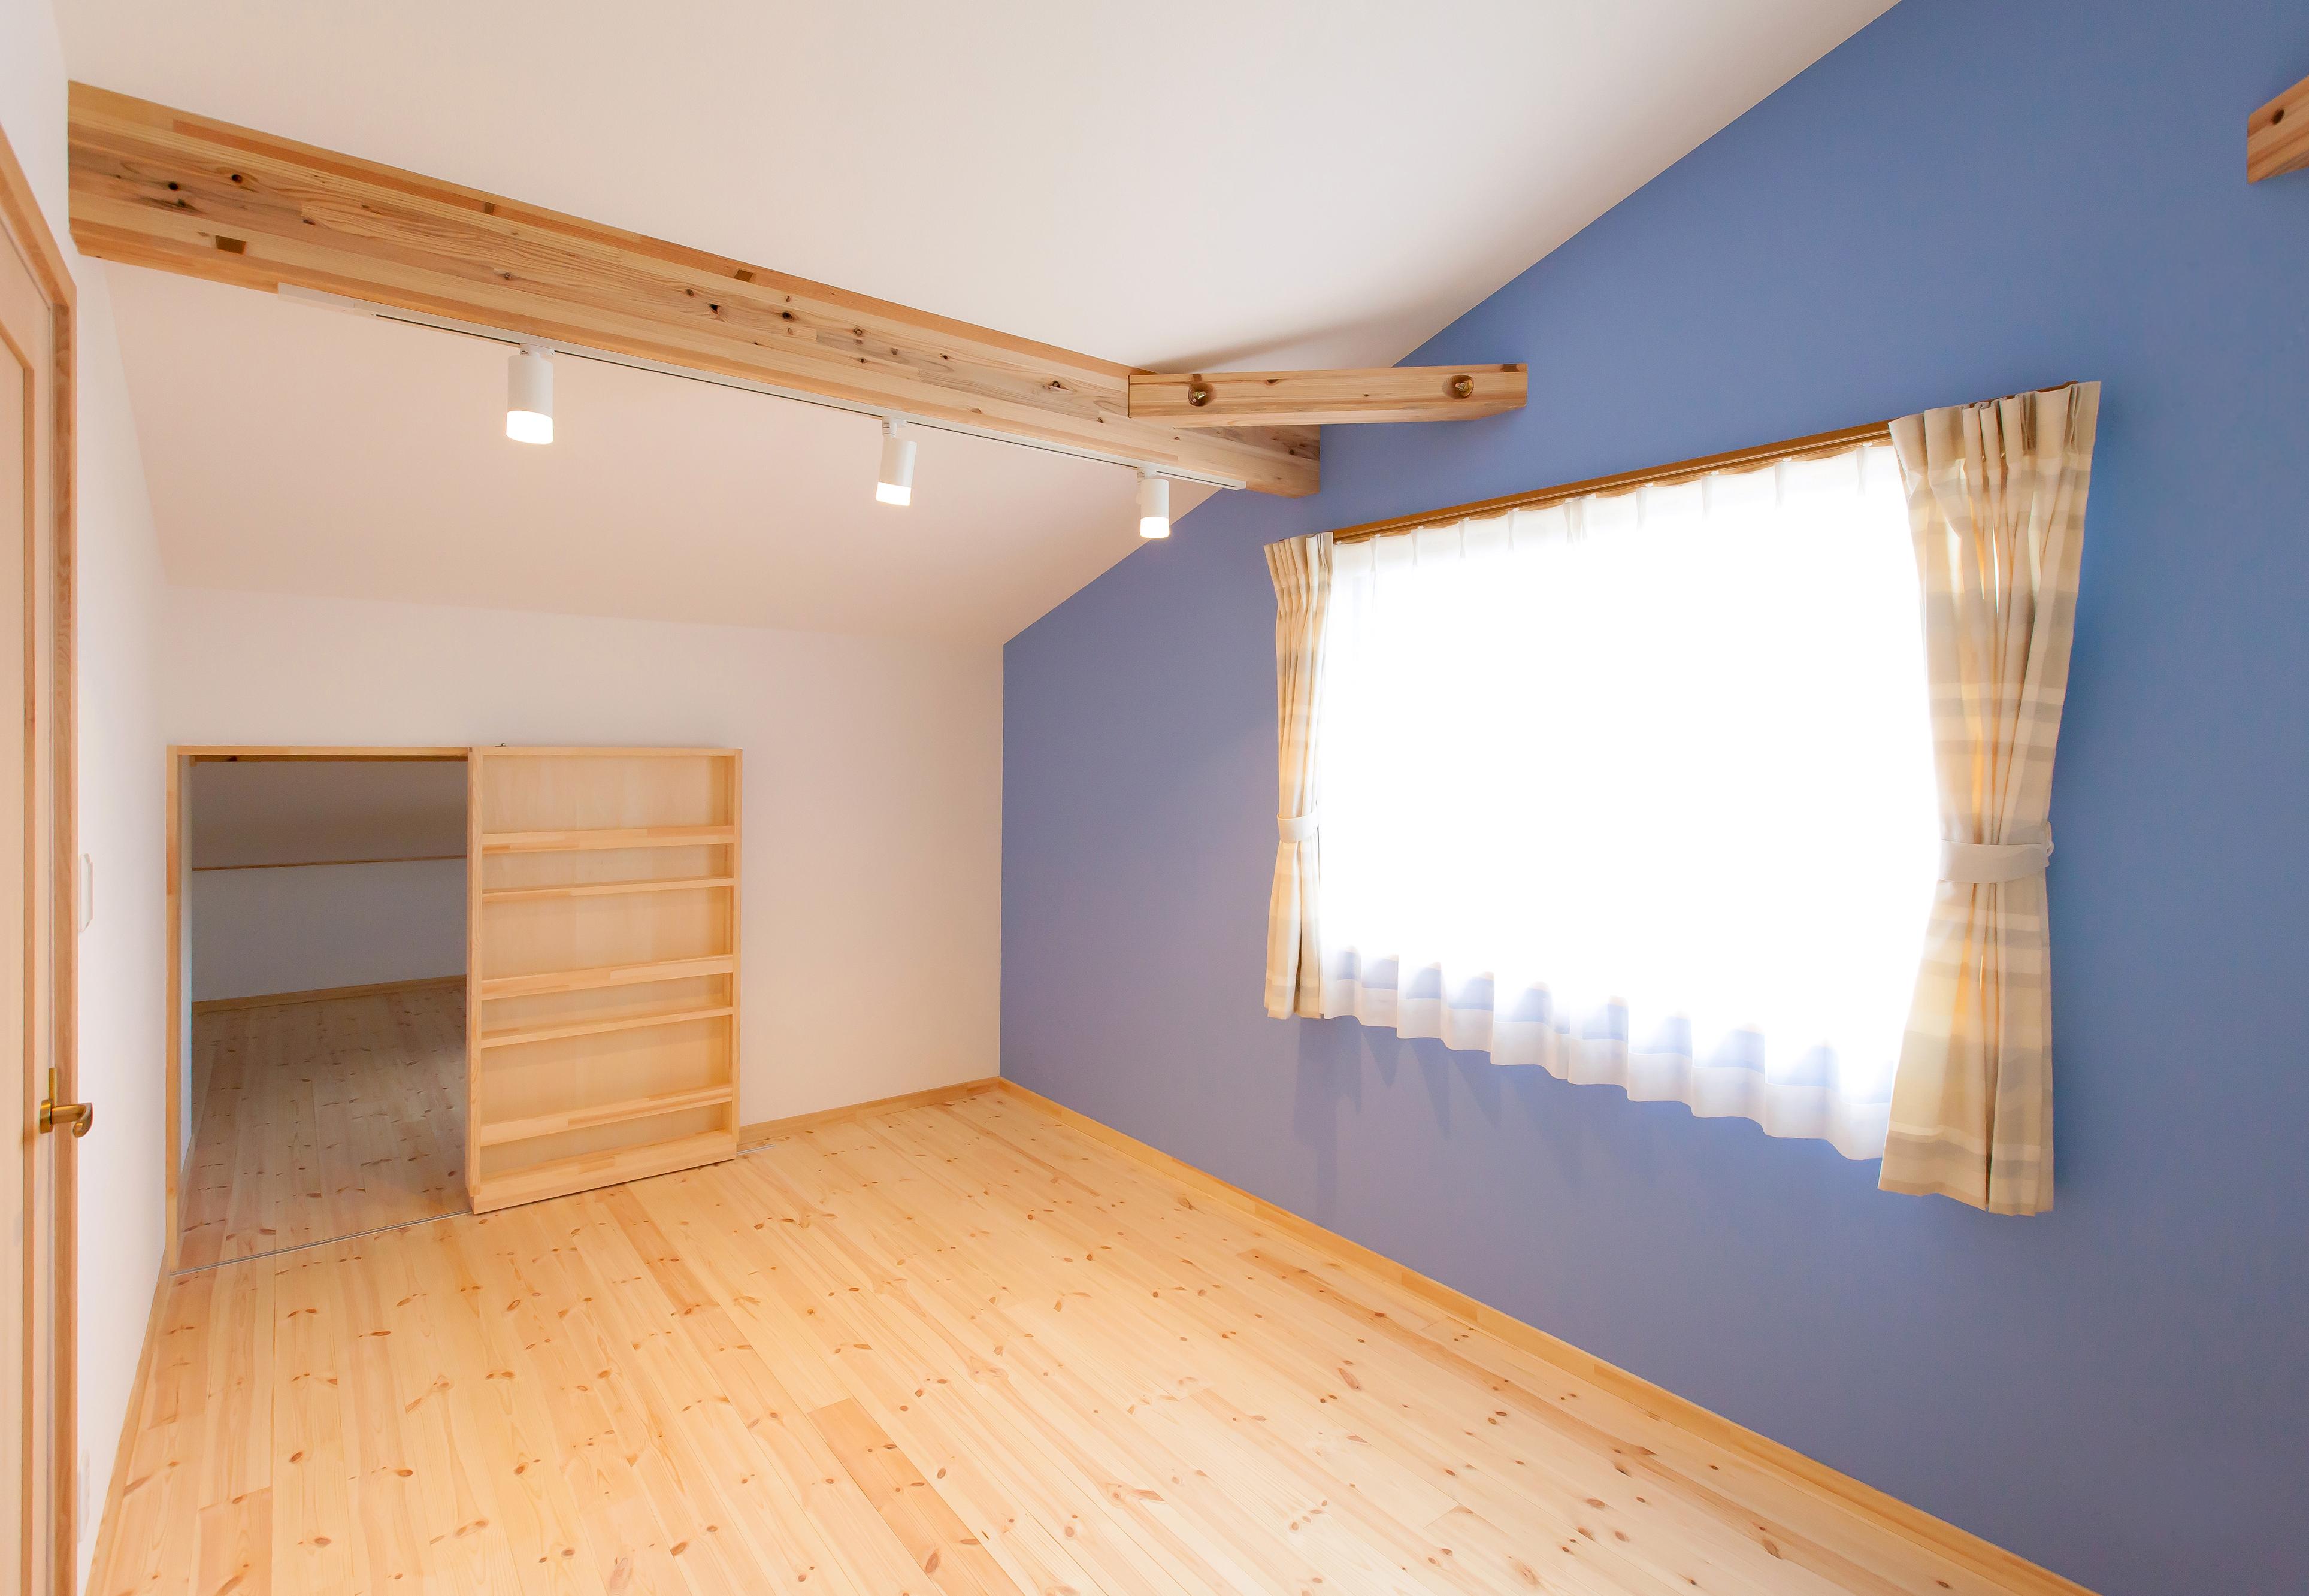 2つの子ども部屋はクロスを変えてアクセントをつけた。床の色もLDKと変えてナチュラルなテイストに。奥のにじり口を入ると小屋裏になっている